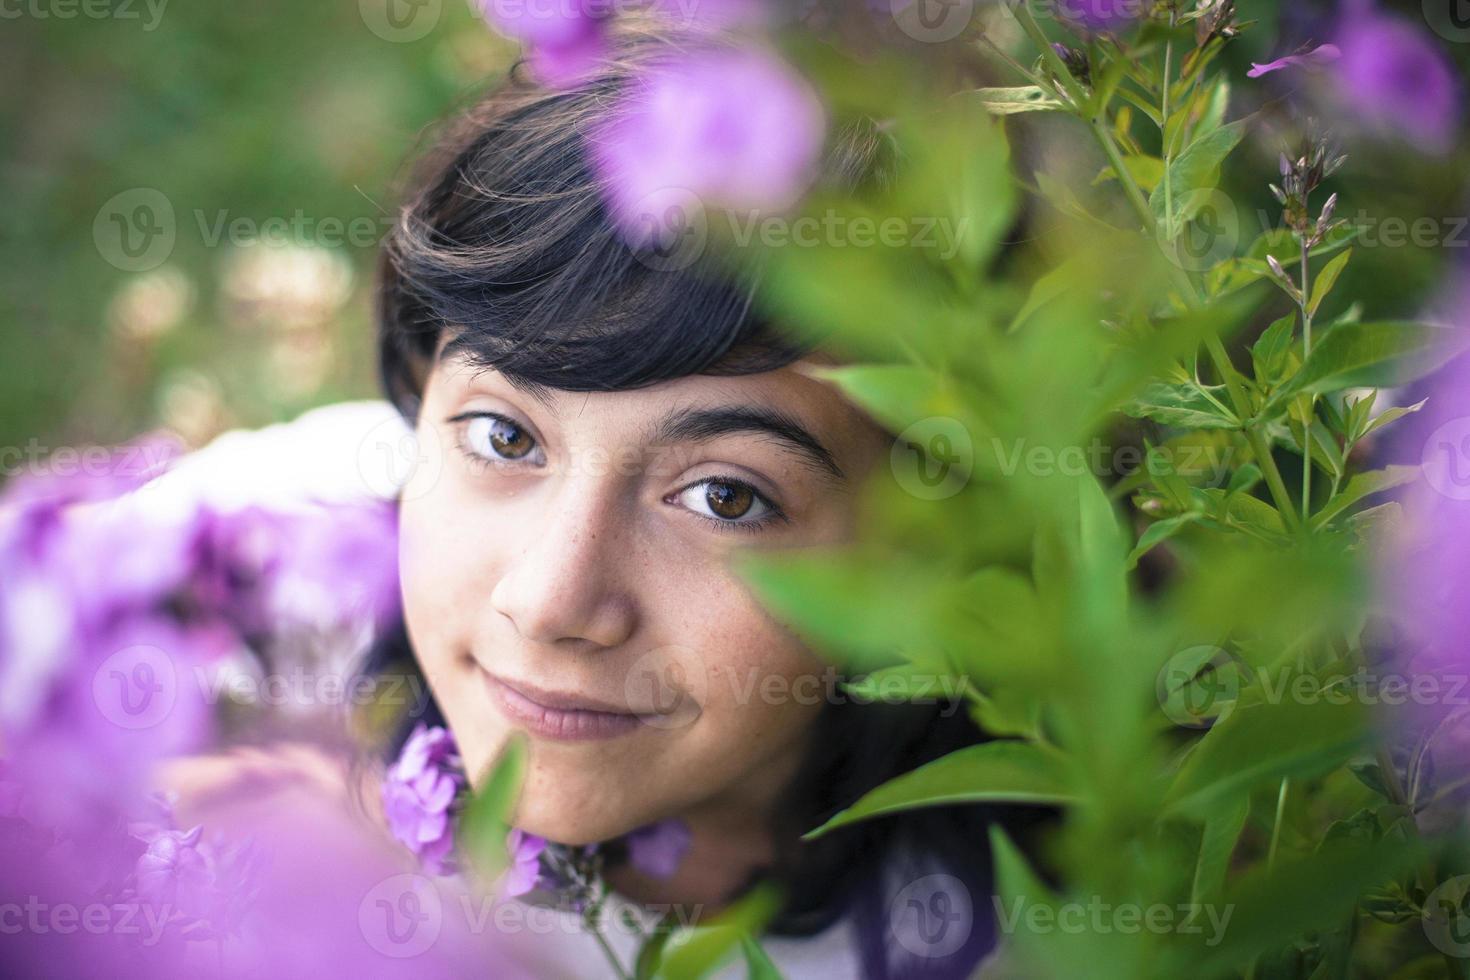 vicino ritratto caldo di una bella ragazza adolescente. foto